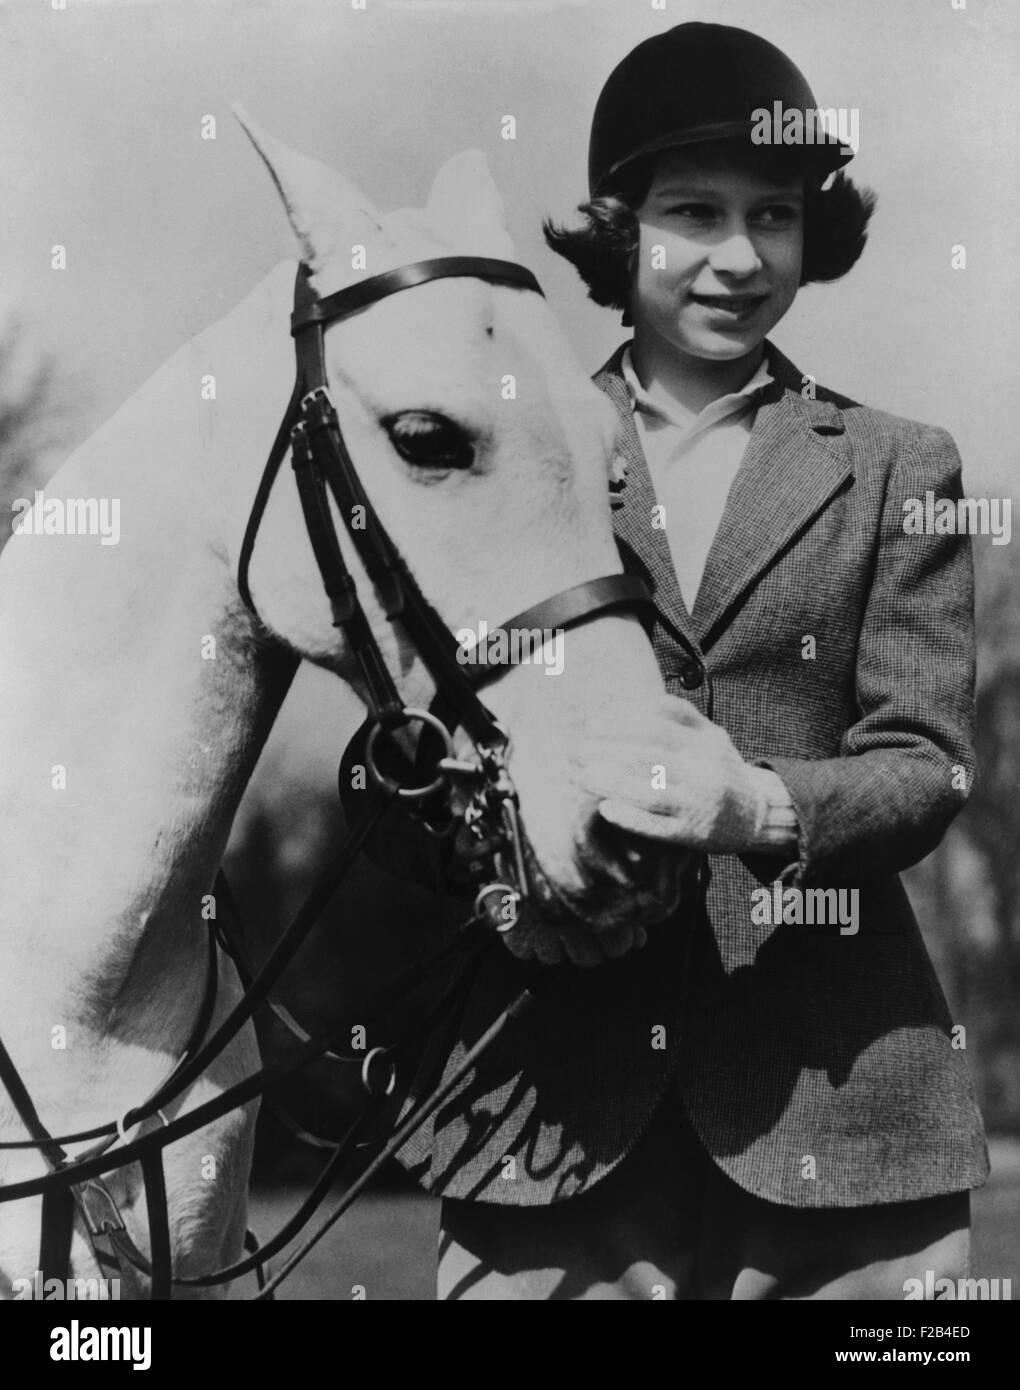 Prinzessin Elizabeth mit einem weißen Pony an ihrem dreizehnten Geburtstag im Jahr 1939. -(BSLOC_2015_1_45) Stockbild